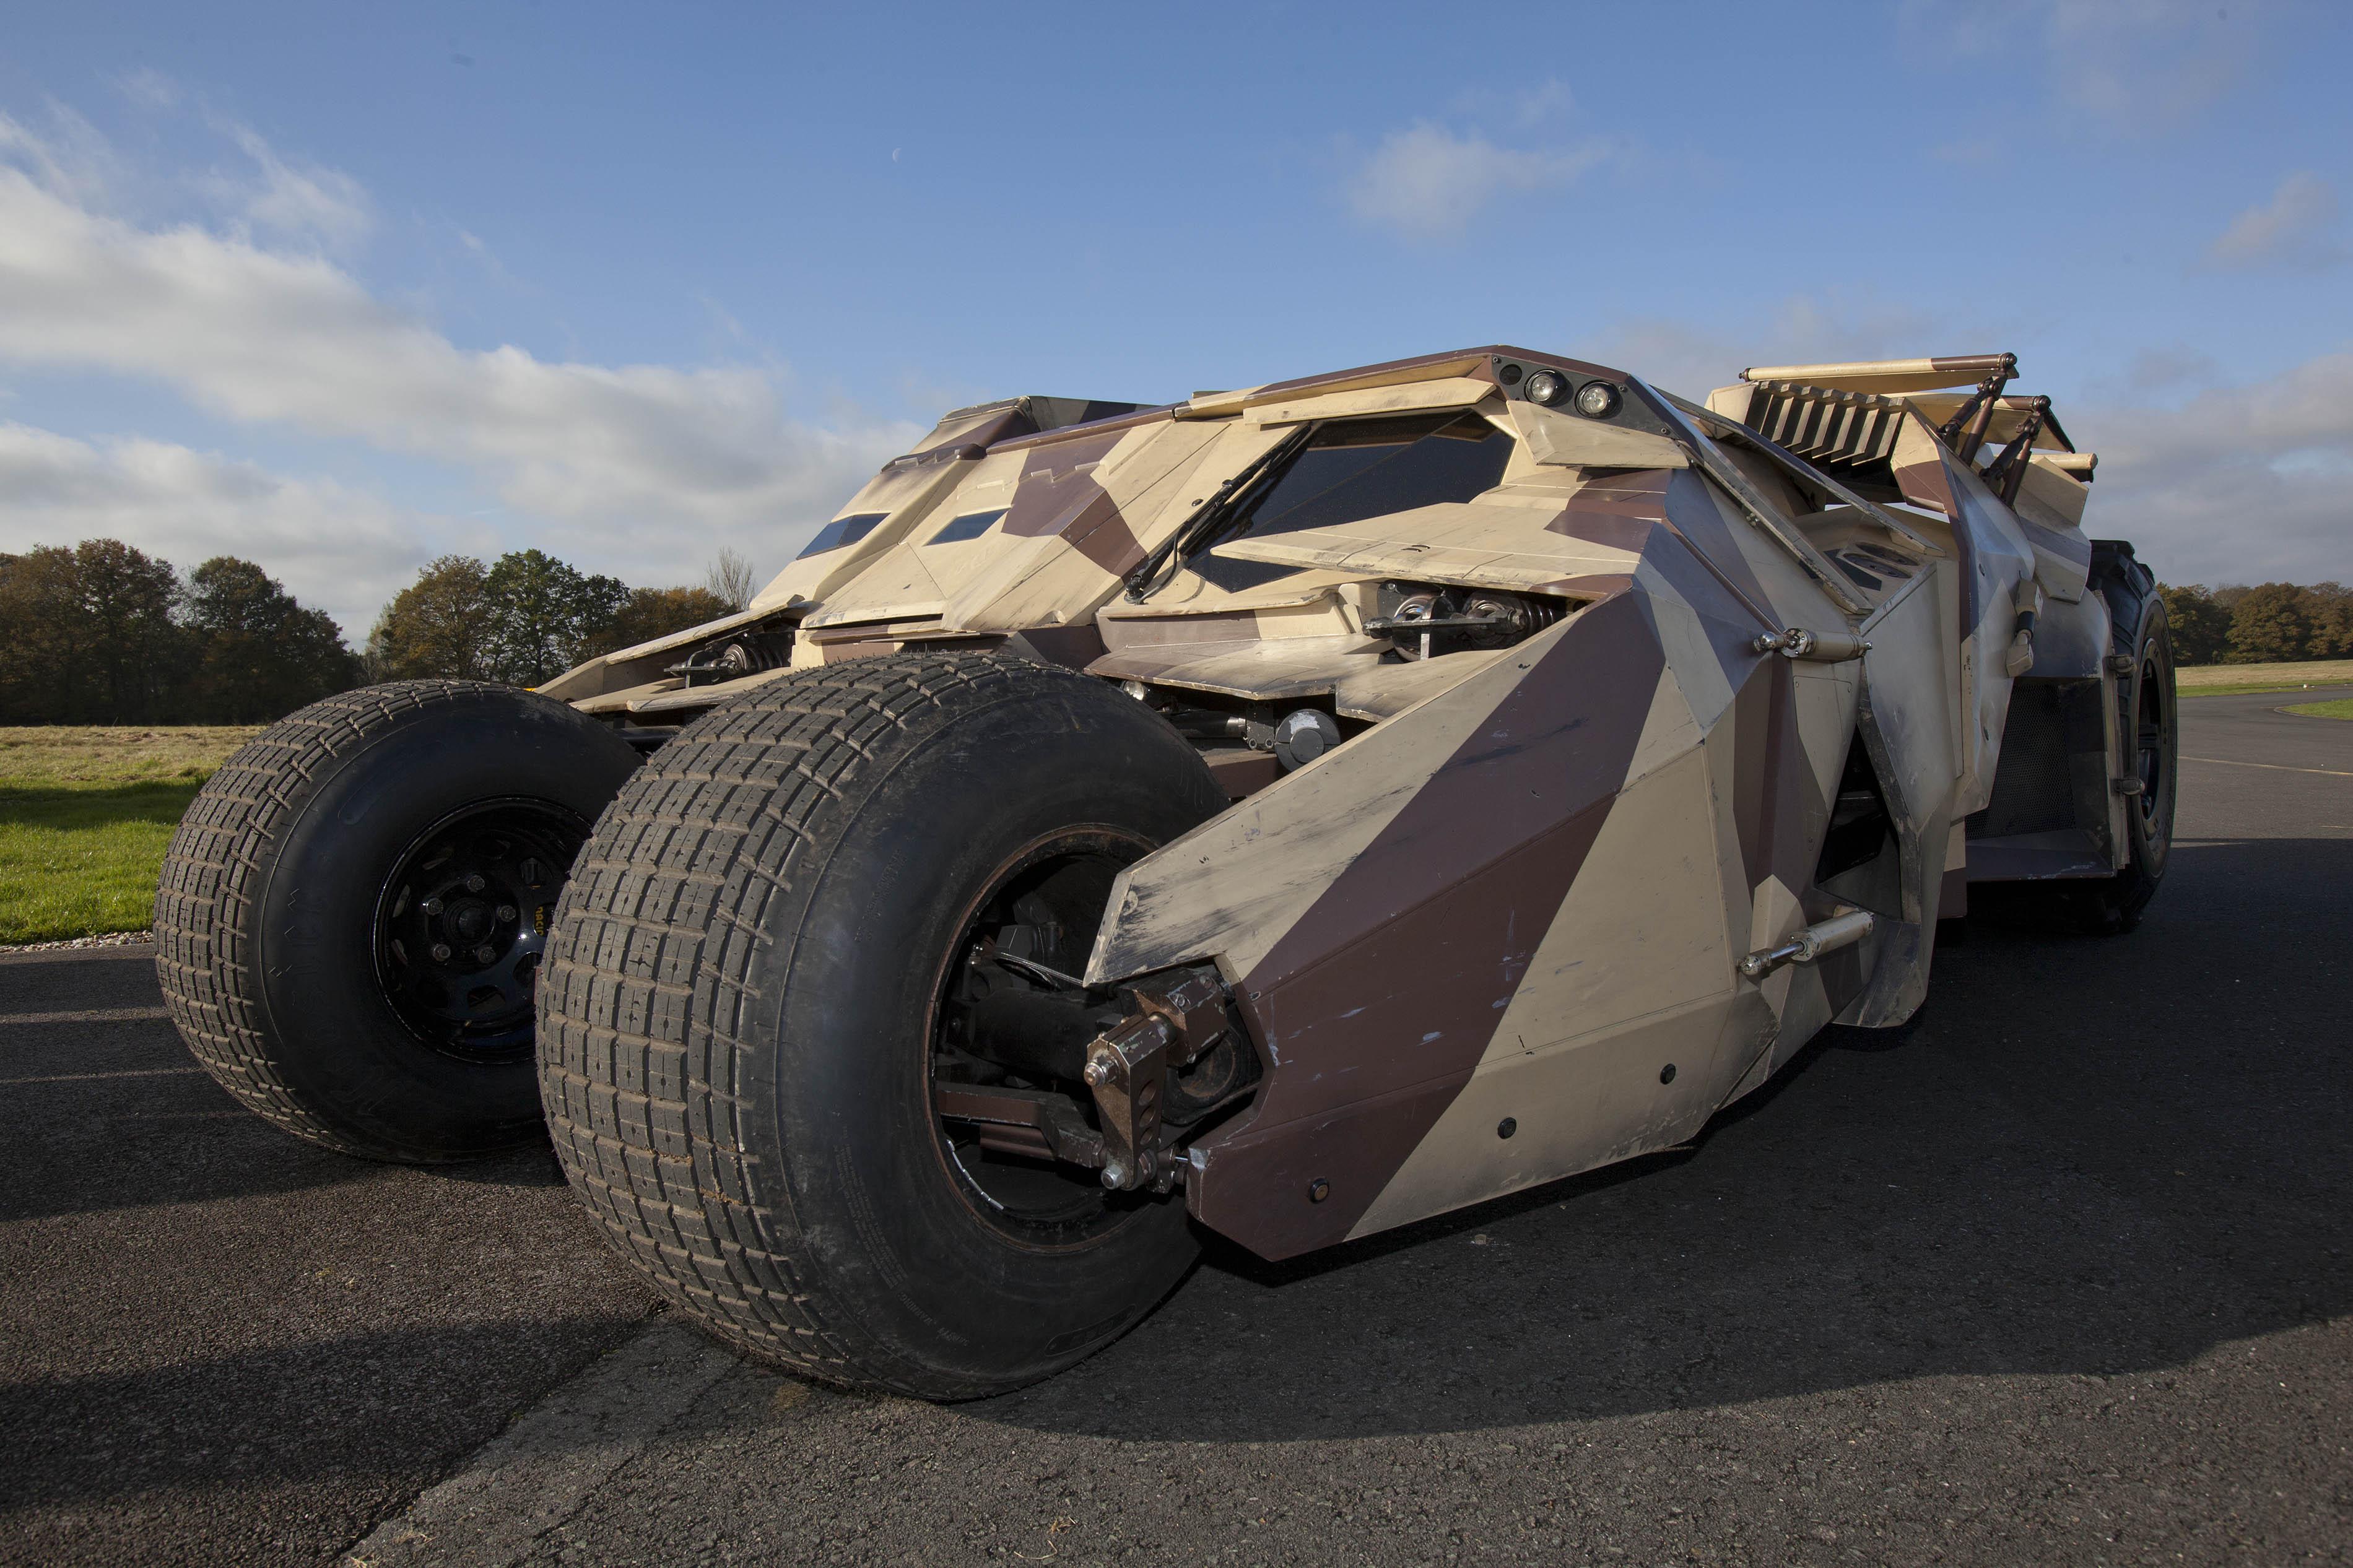 The Dark Knight Rises: the Batmobile 'Tumbler' secrets ...